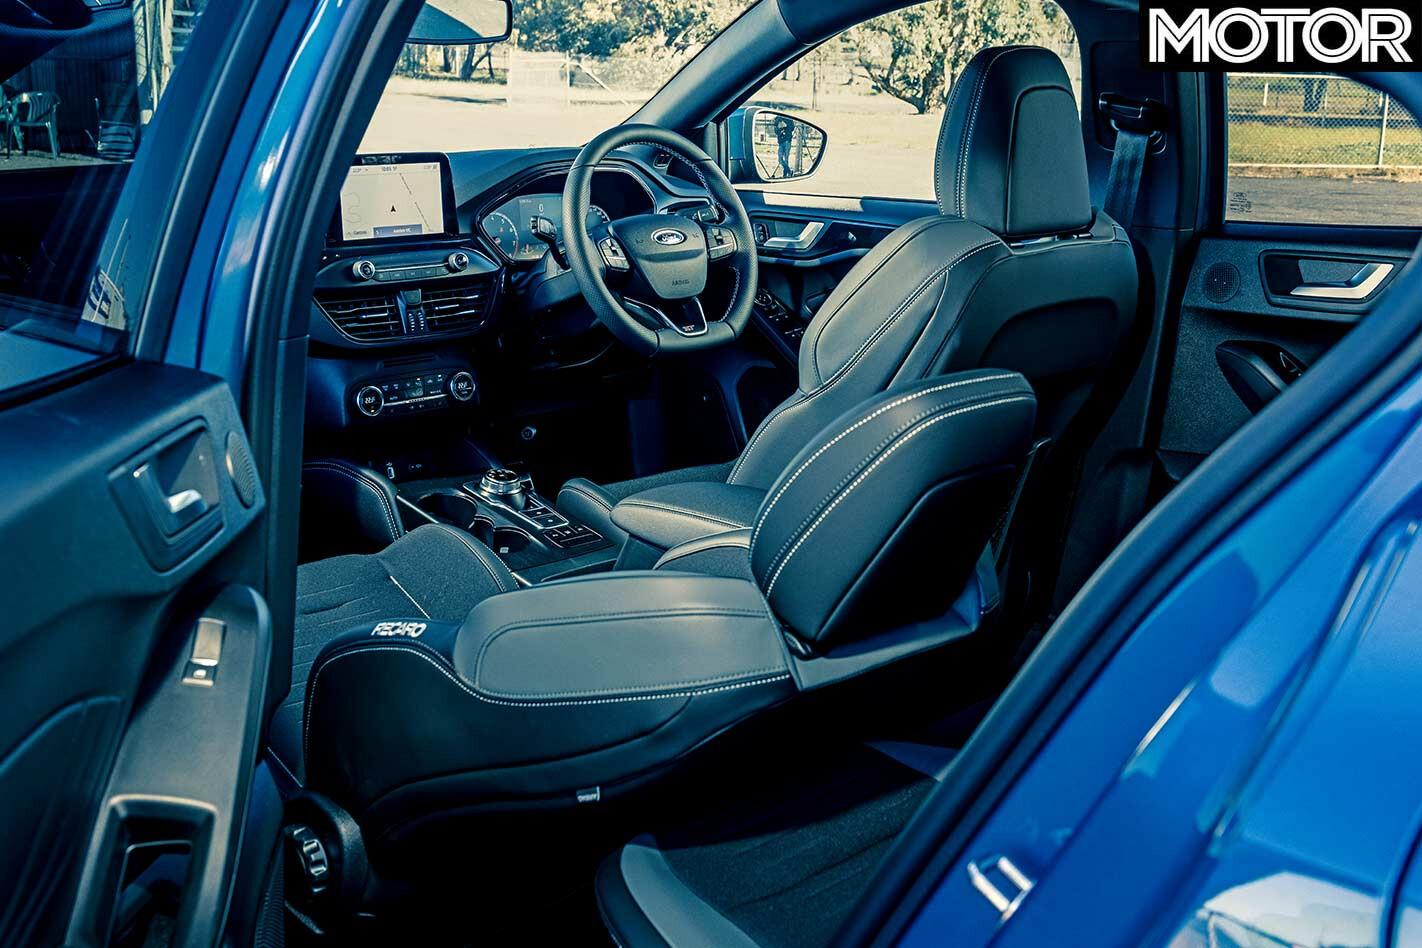 Ford Focus ST interior